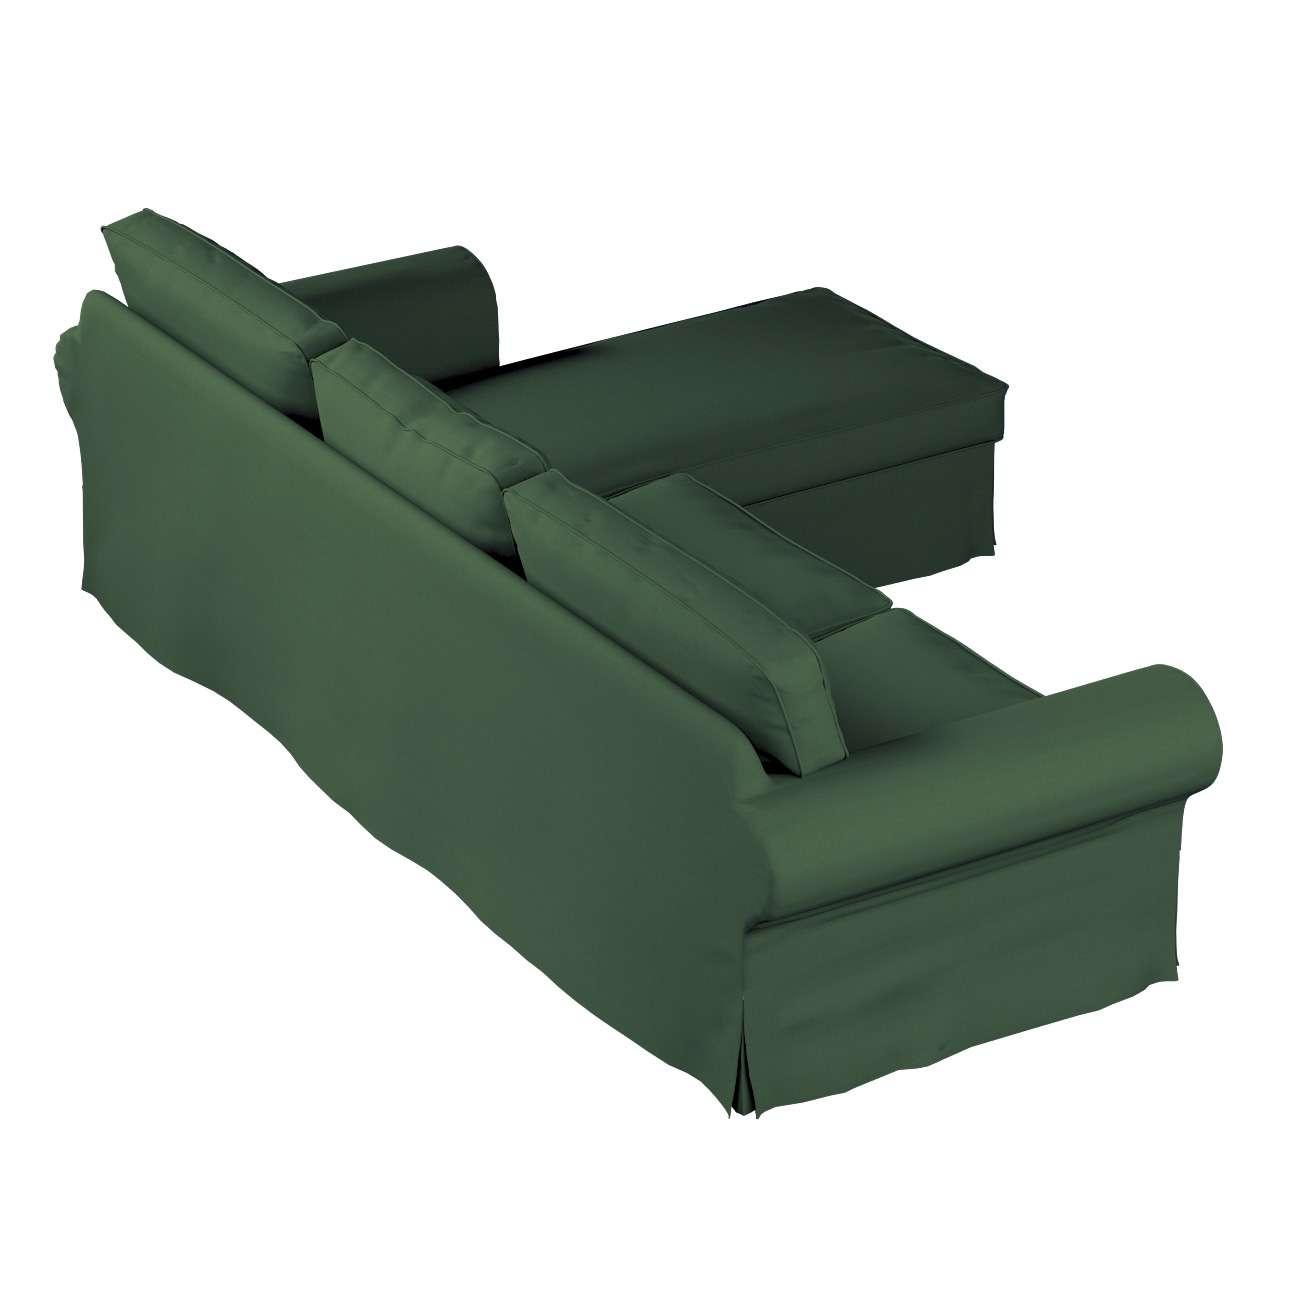 Pokrowiec na sofę Ektorp 2-osobową i leżankę sofa ektorp 2-os. i leżanka w kolekcji Cotton Panama, tkanina: 702-06